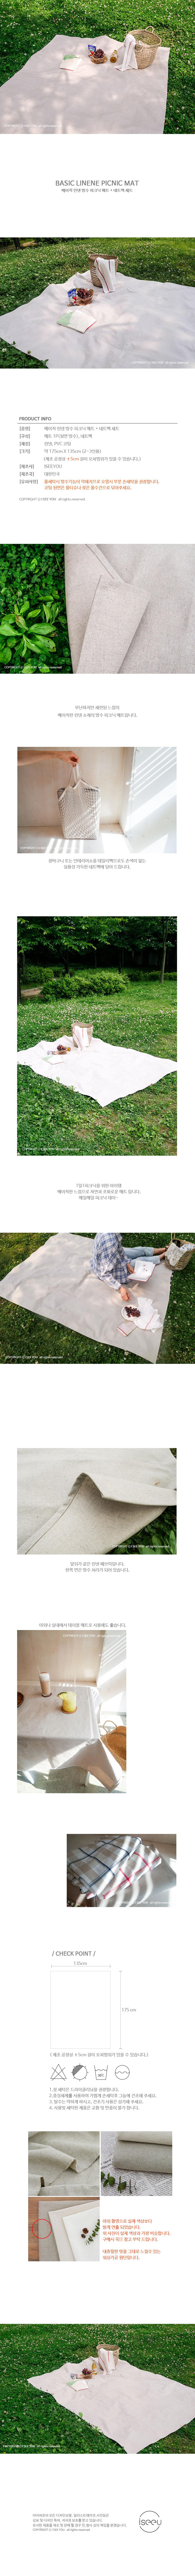 베이직 린넨 방수 피크닉 매트+네트백 세트 - 아이씨유, 37,100원, 매트/돗자리, 매트/돗자리/베개